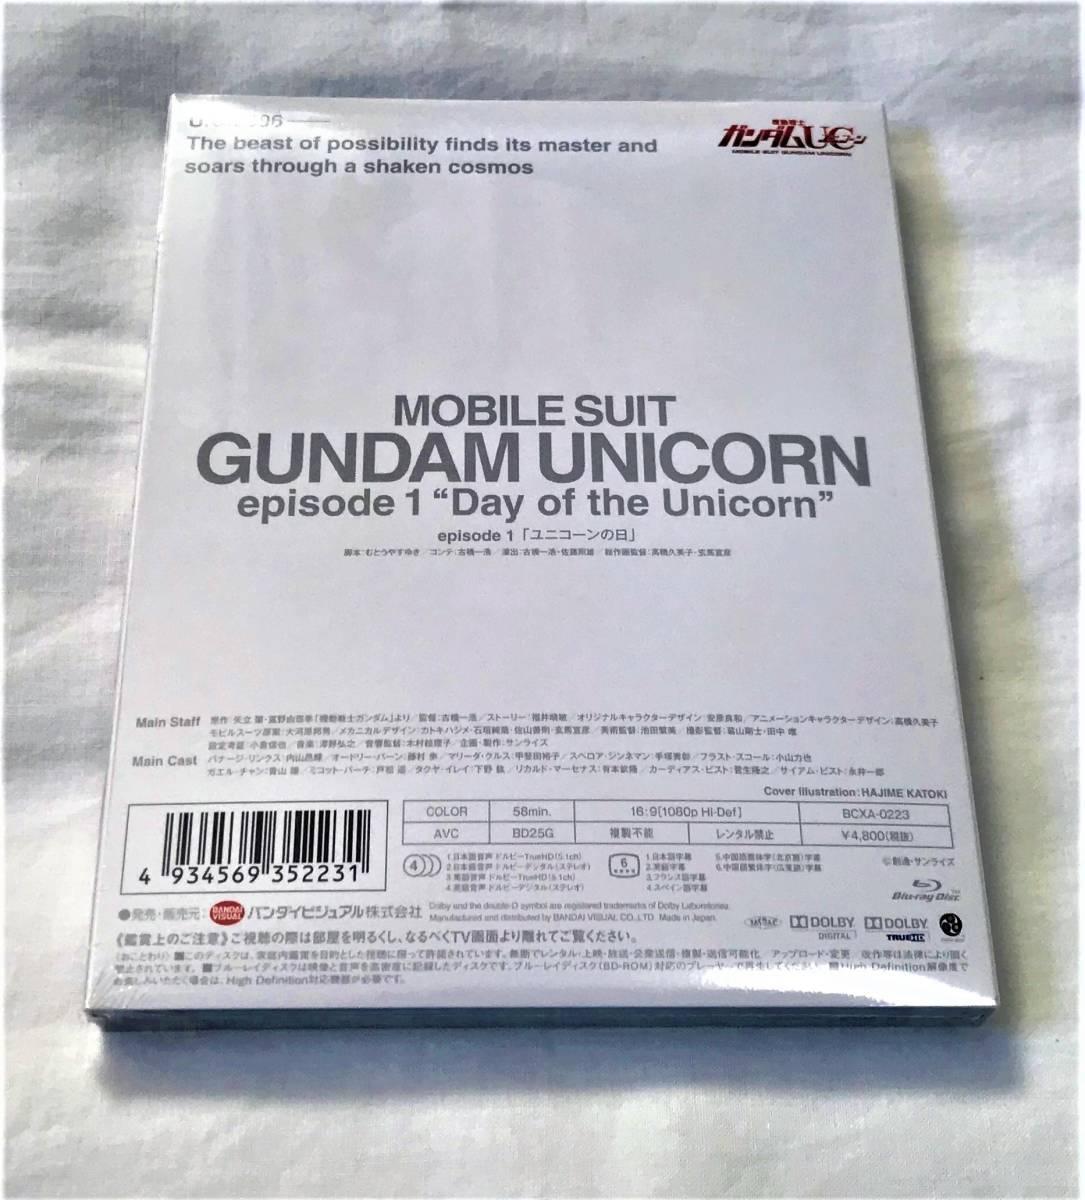 ◎新品◎ Blu-ray 機動戦士ガンダムUC 1 初回限定版  MOBILE SUIT GUNDAM UNICORN ユニコーン BD ブルーレイ_画像2